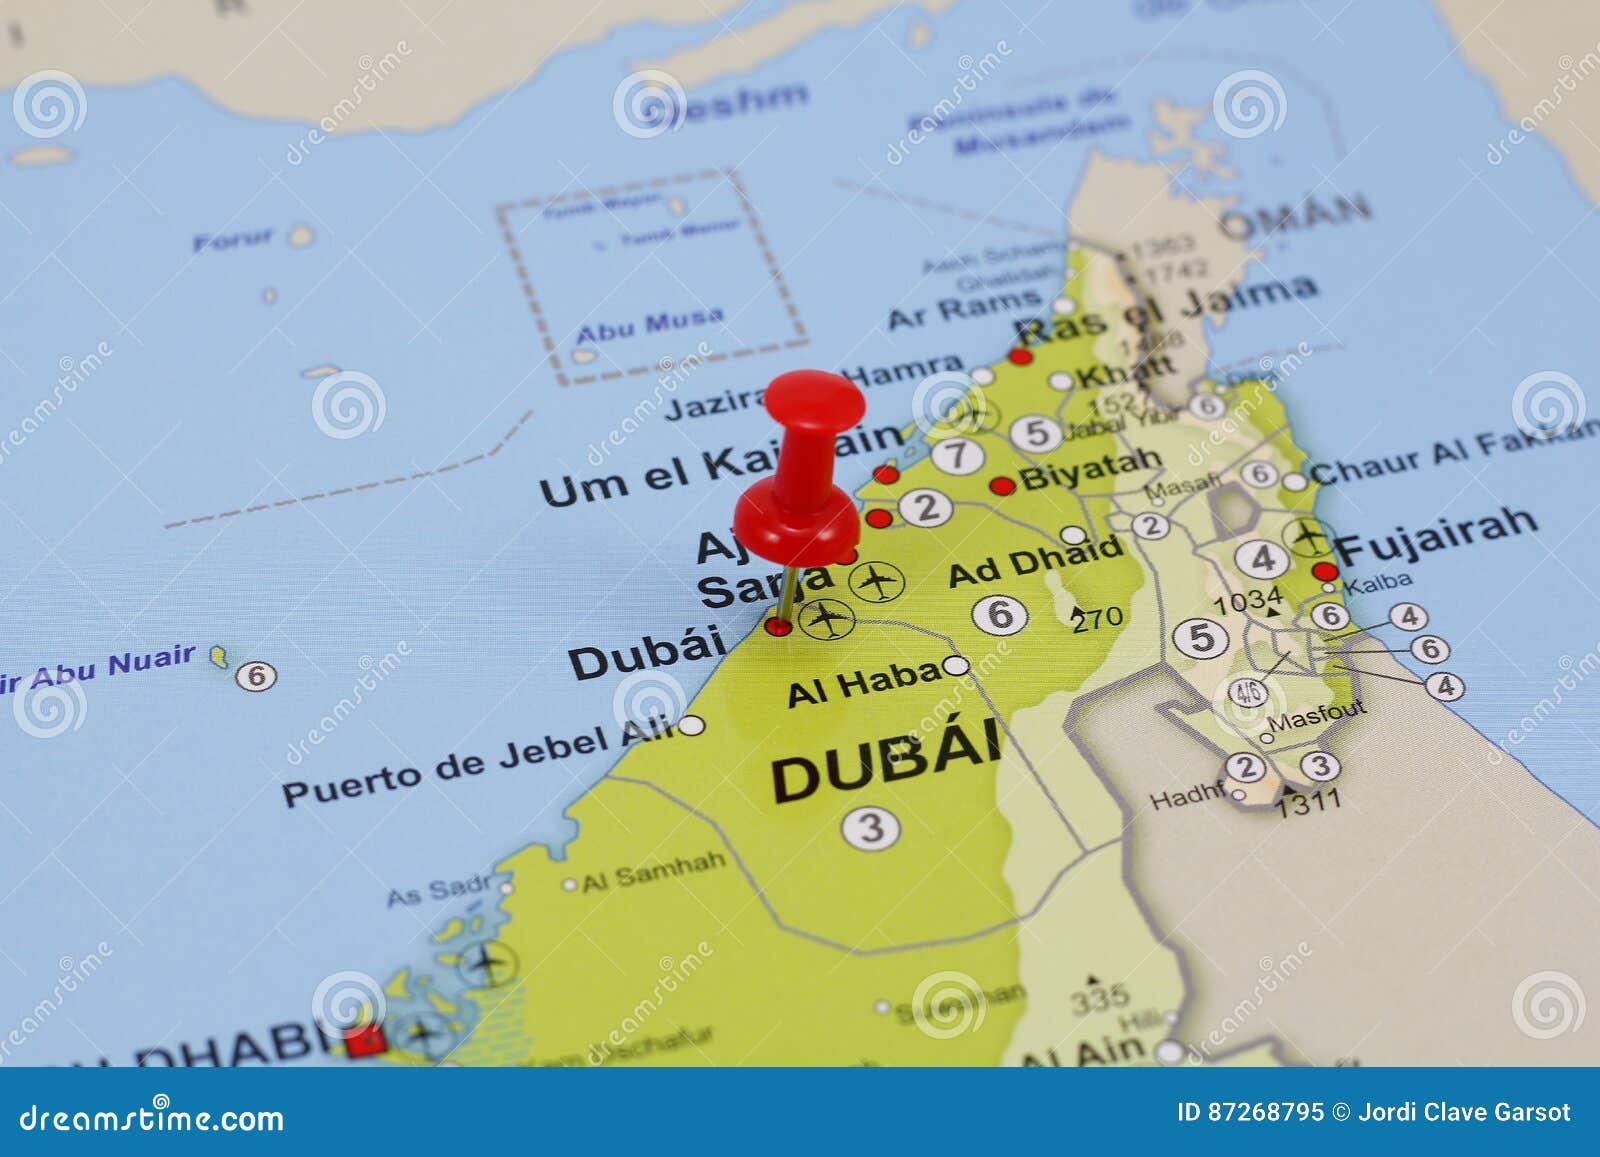 Dubai-Stift in einer Karte stockbild. Bild von stadt - 87268795